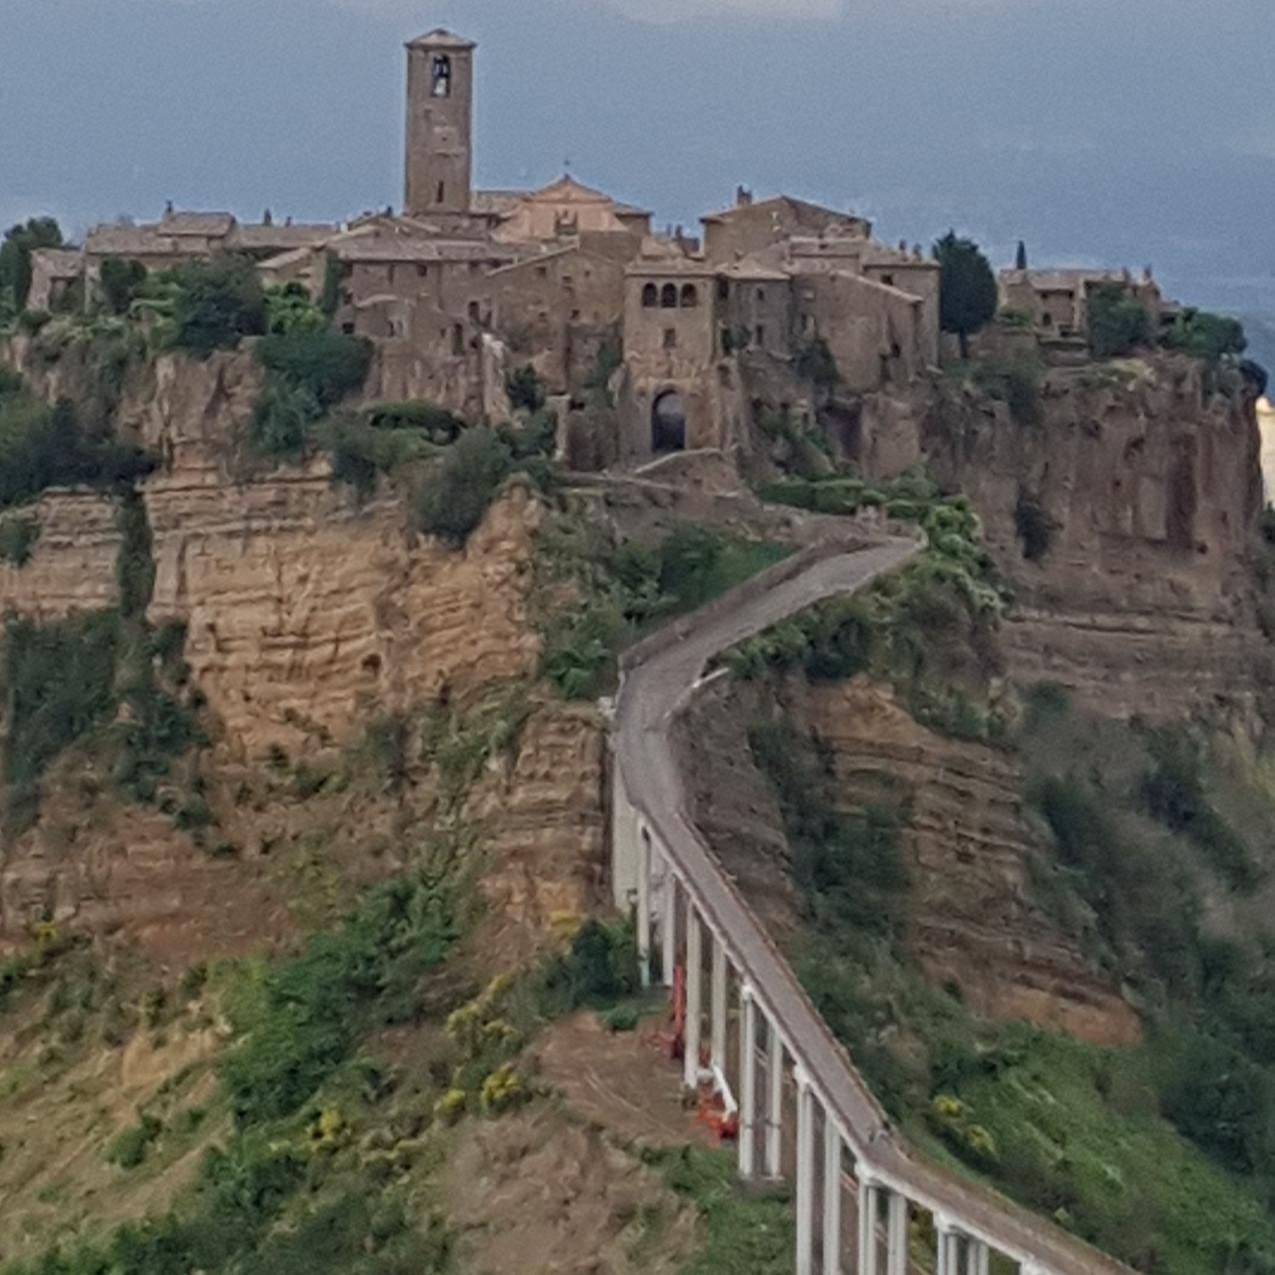 Civita er et mirakel av en by – bygget ene og alene for å være uinntagelig for uvenner.